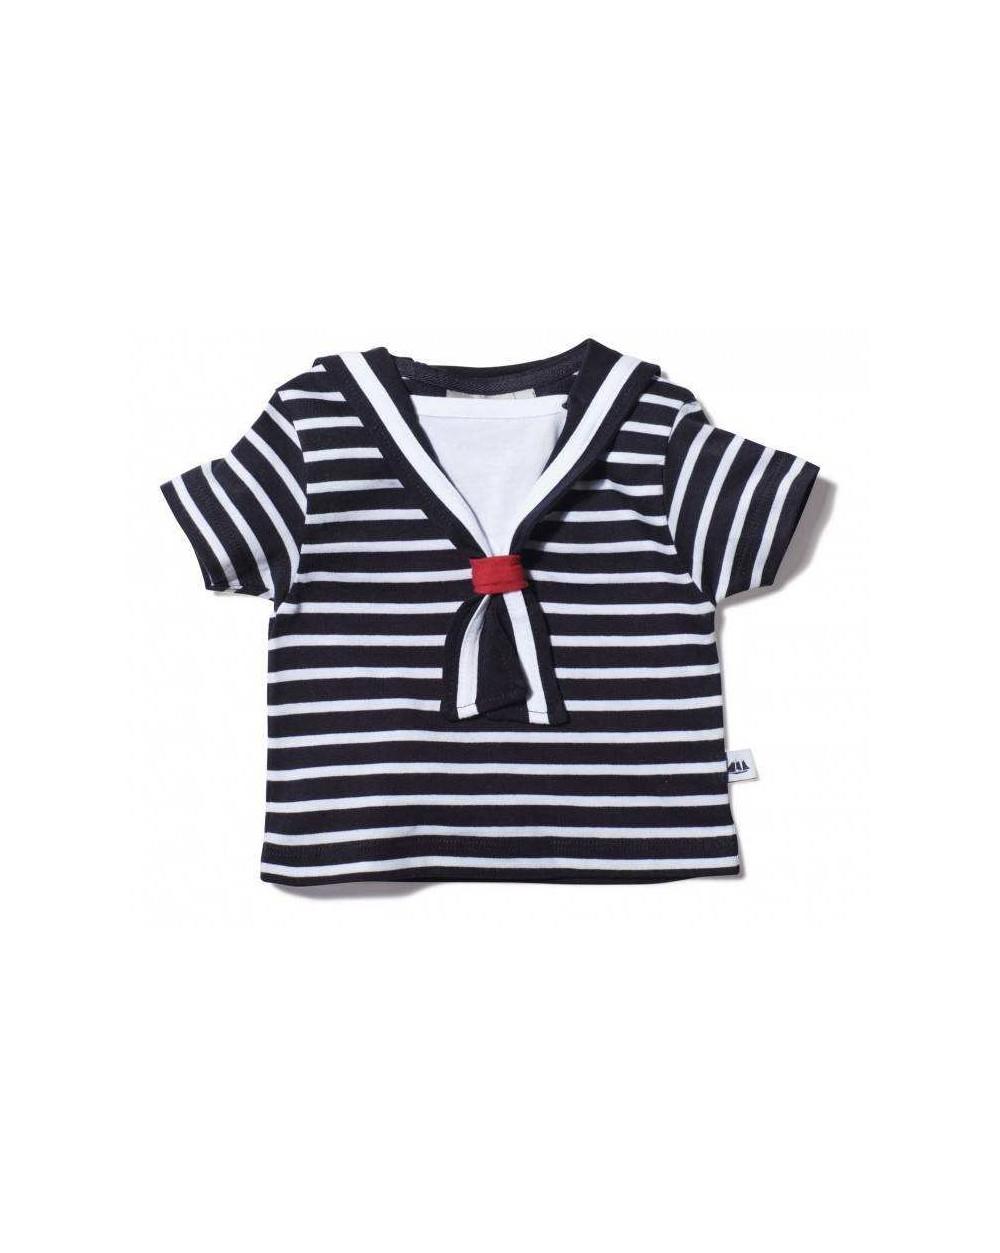 T-shirt matelot bébé Hublot ALADDIN